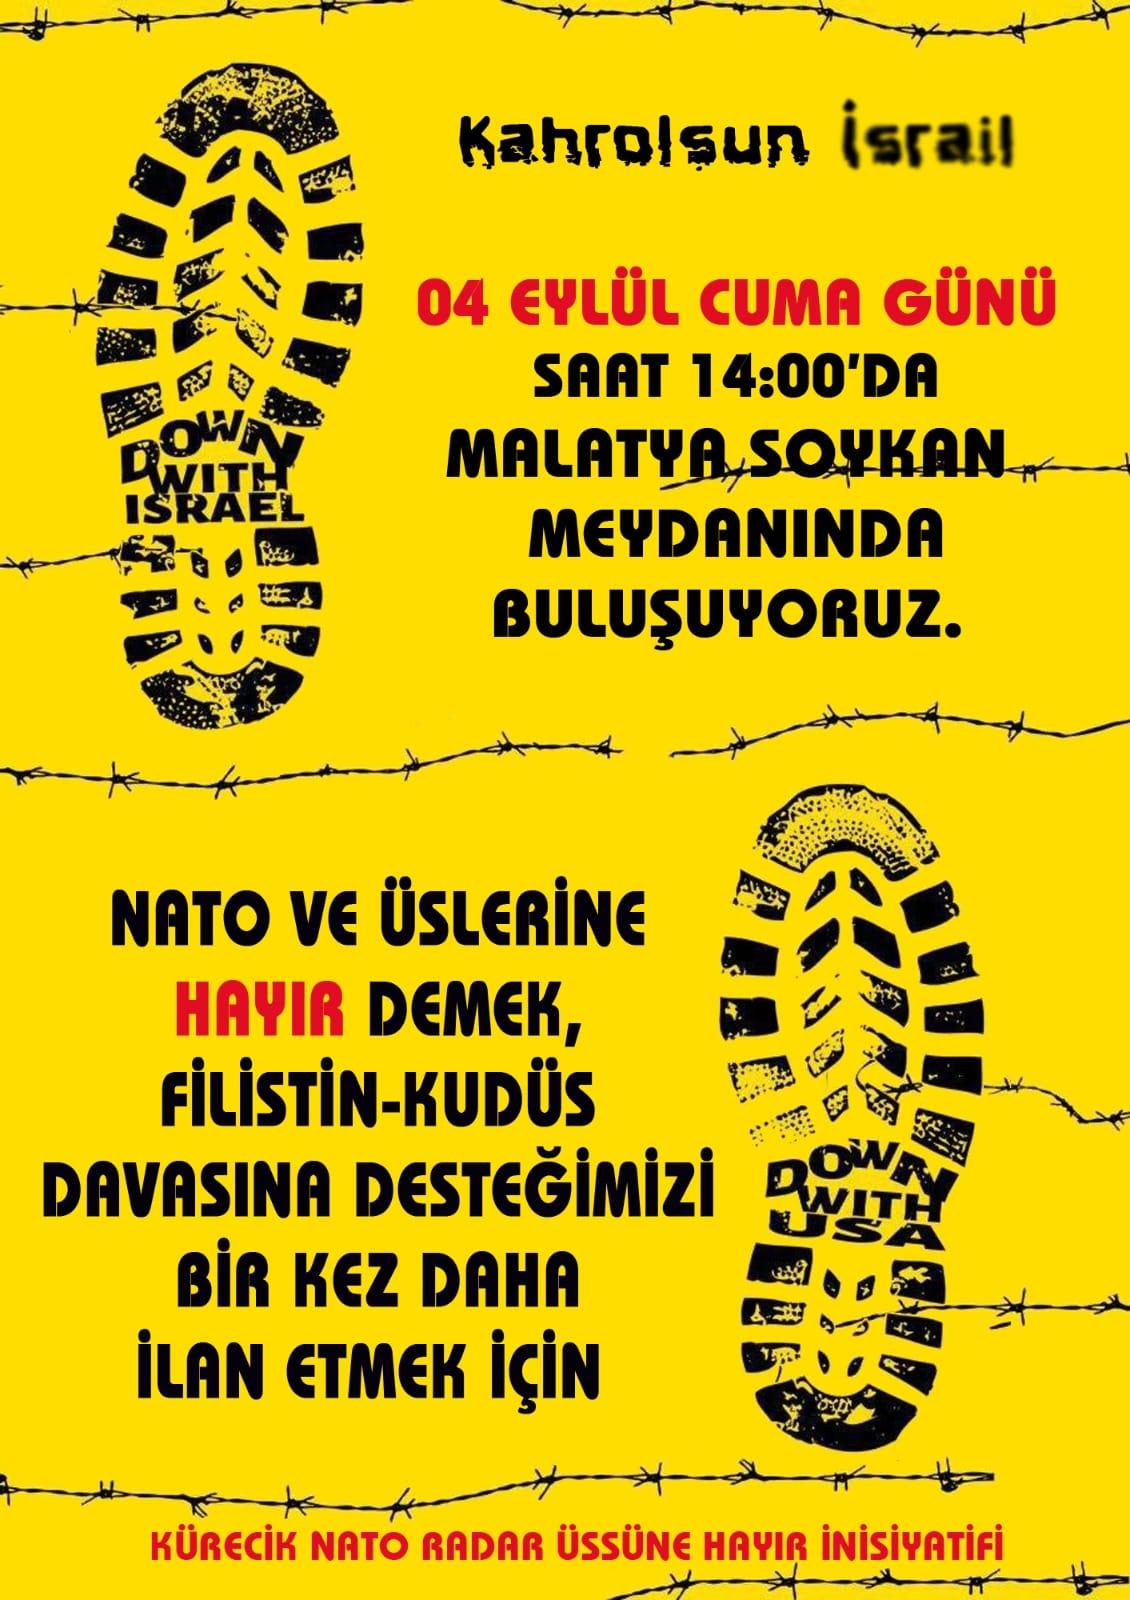 4 Eylül'de Nato'ya ve Üslerine Hayır Demek ve Filistin-Kudüs Davasına Desteğimizi İlan Etmek Üzere Malatya'da Buluşuyoruz (DAVET)